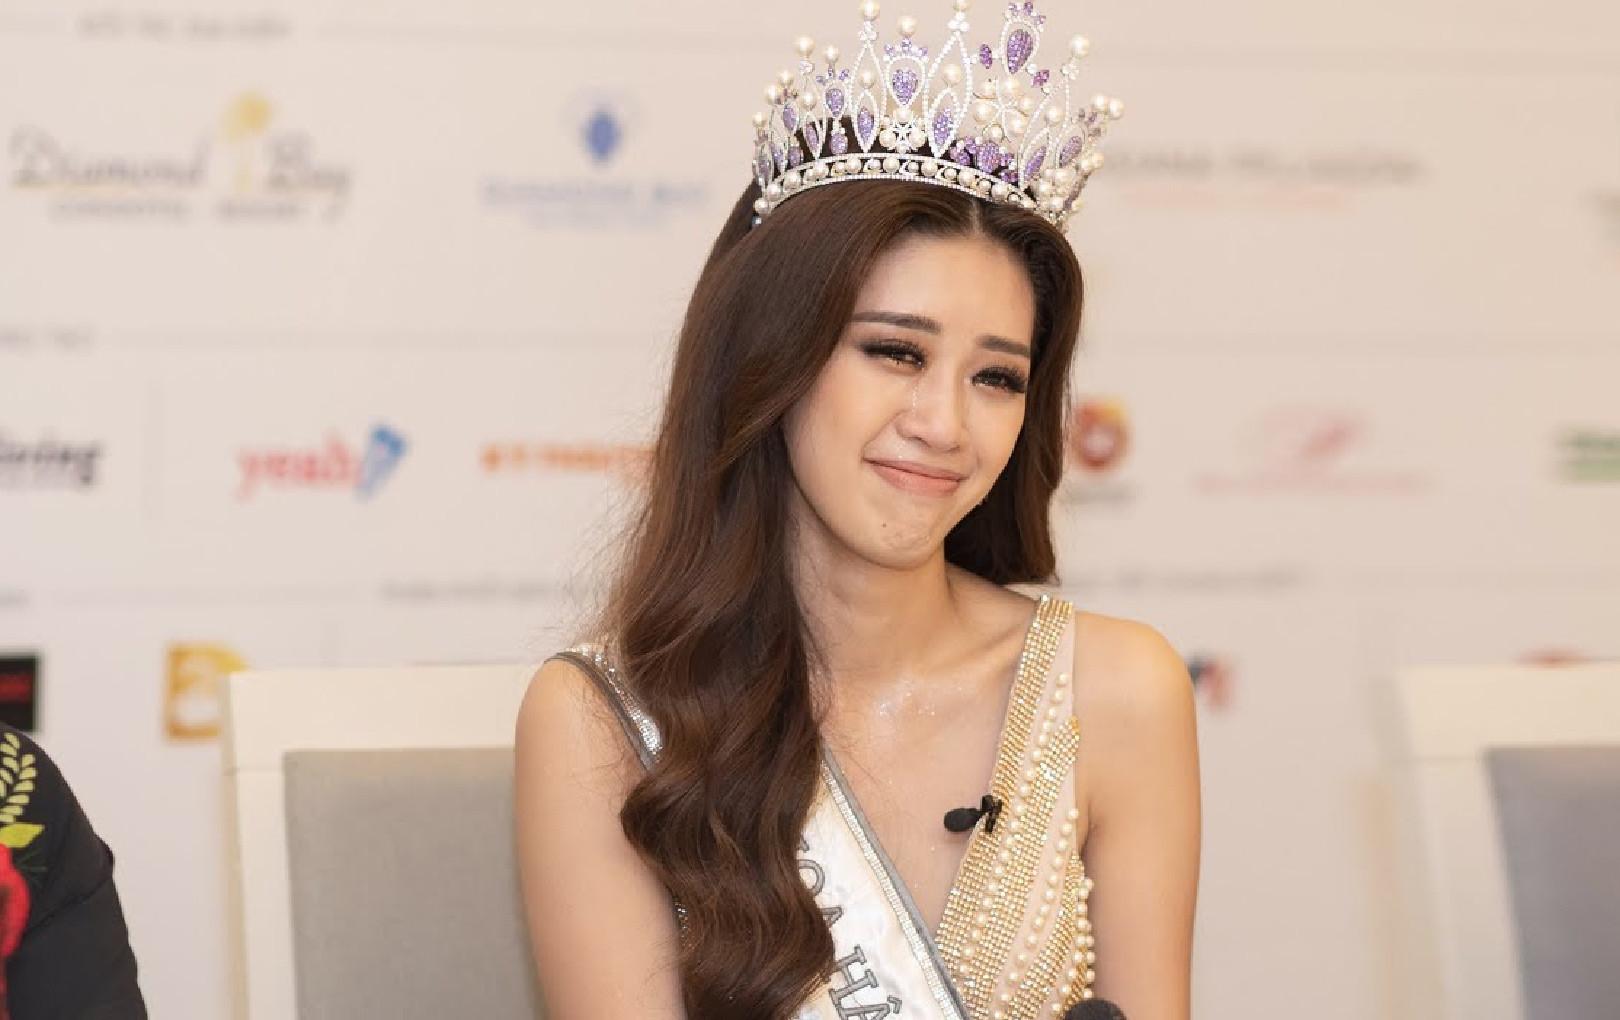 Fan Việt làm lố: Biến Hoa hậu Khánh Vân thành trò cười khi sửa thông tin trên Wikipedia